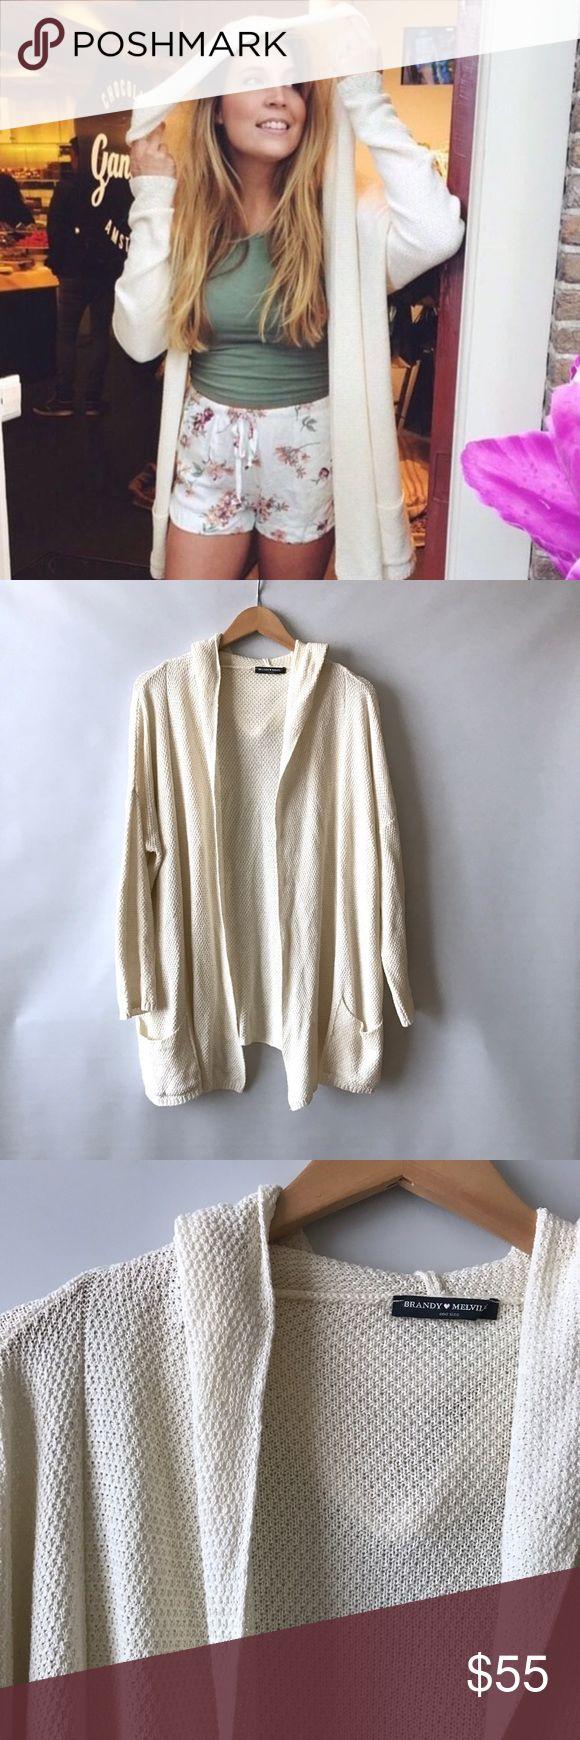 """Brandy Melville Ayara Cardigan sweater one size Brandy Melville Cardigan. One size. Excellent condition. Length 32"""" Brandy Melville Sweaters Cardigans"""